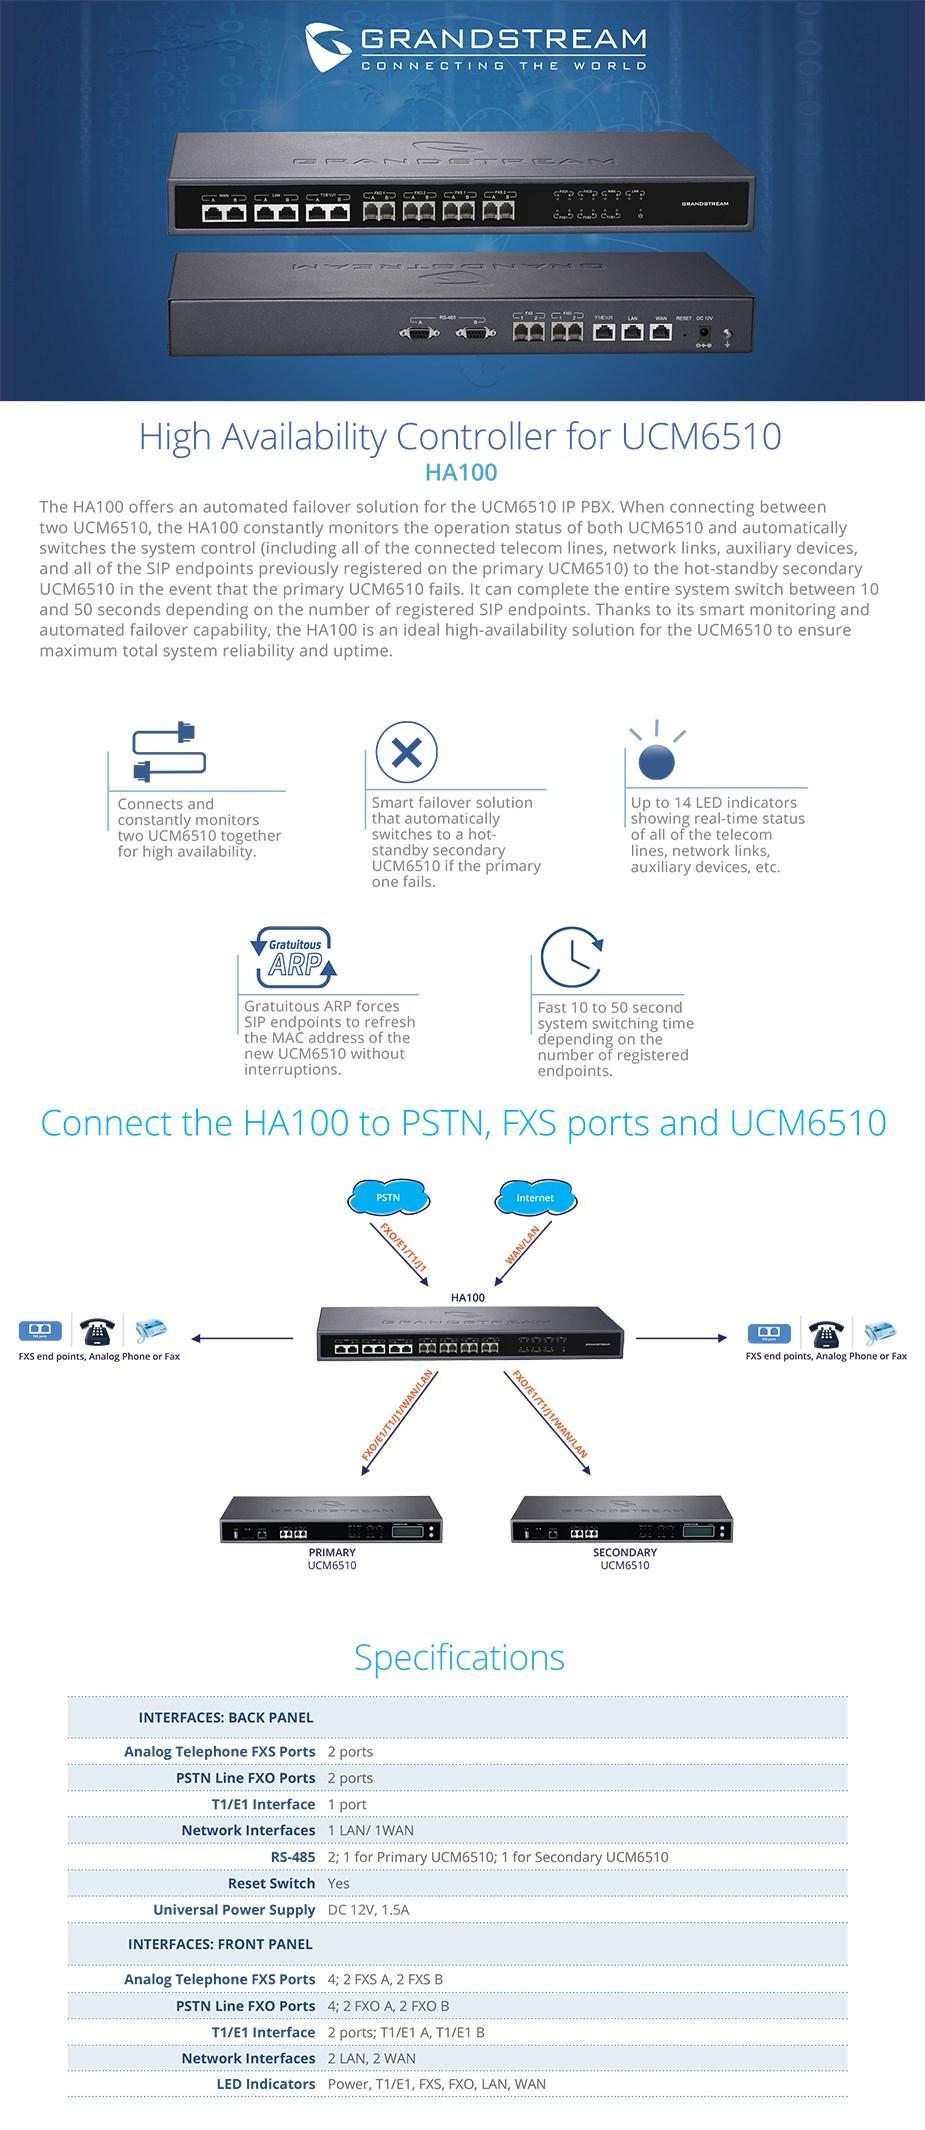 grandstream-ha100-high-availability-automated-failover-controller-for-ucm6510-ac27922-2.jpg